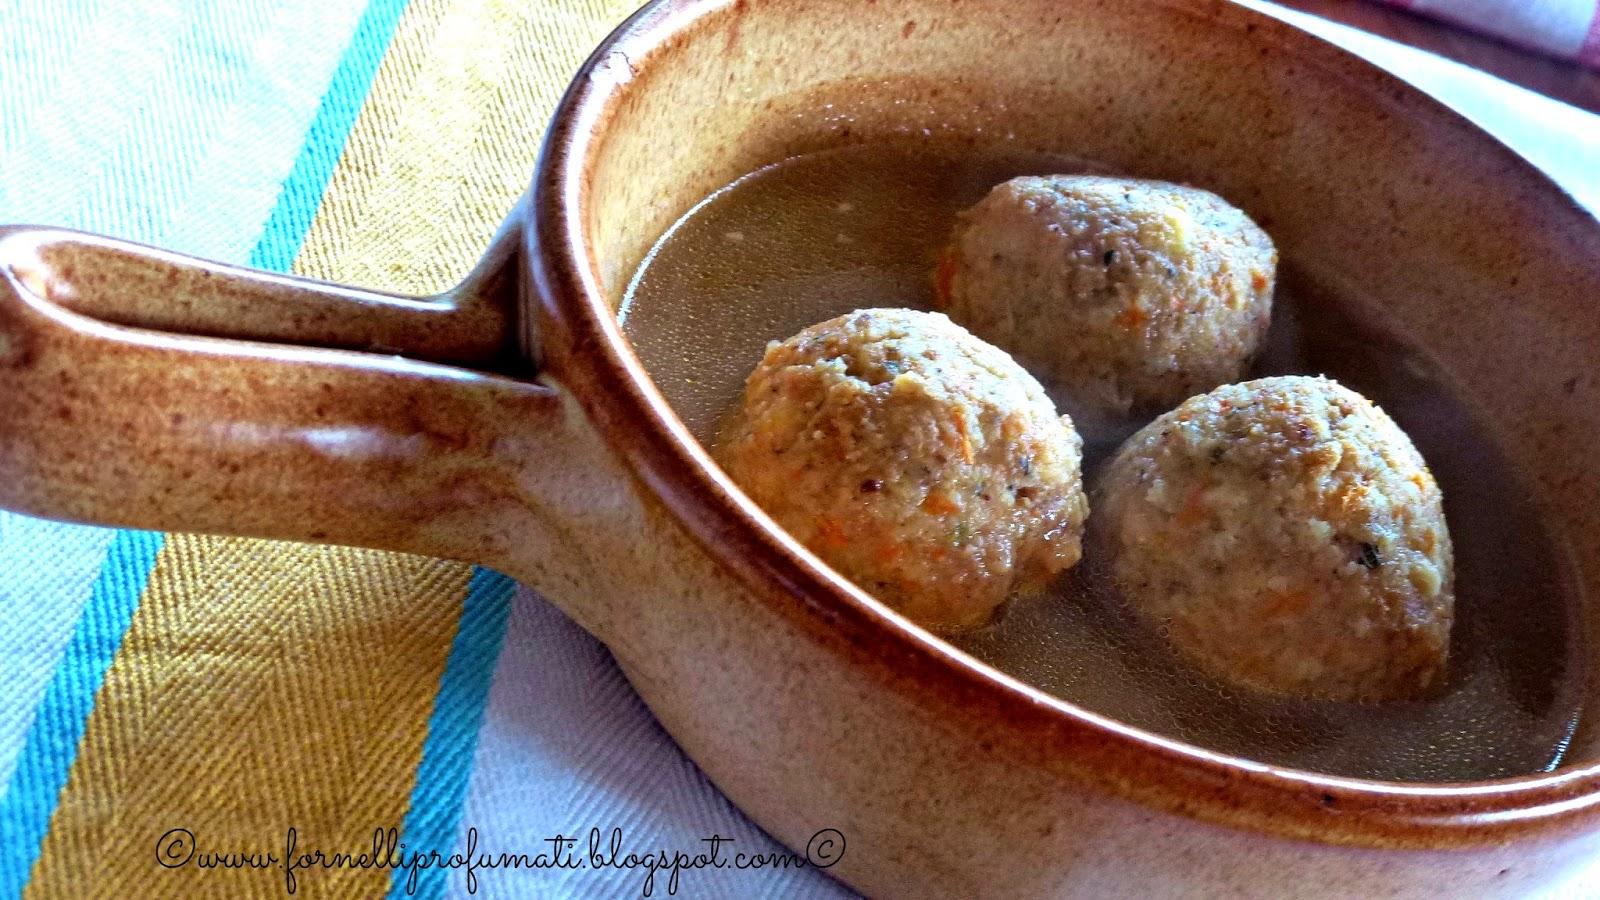 canederli alle carote e zenzero in brodo di pollo - mtc n.44